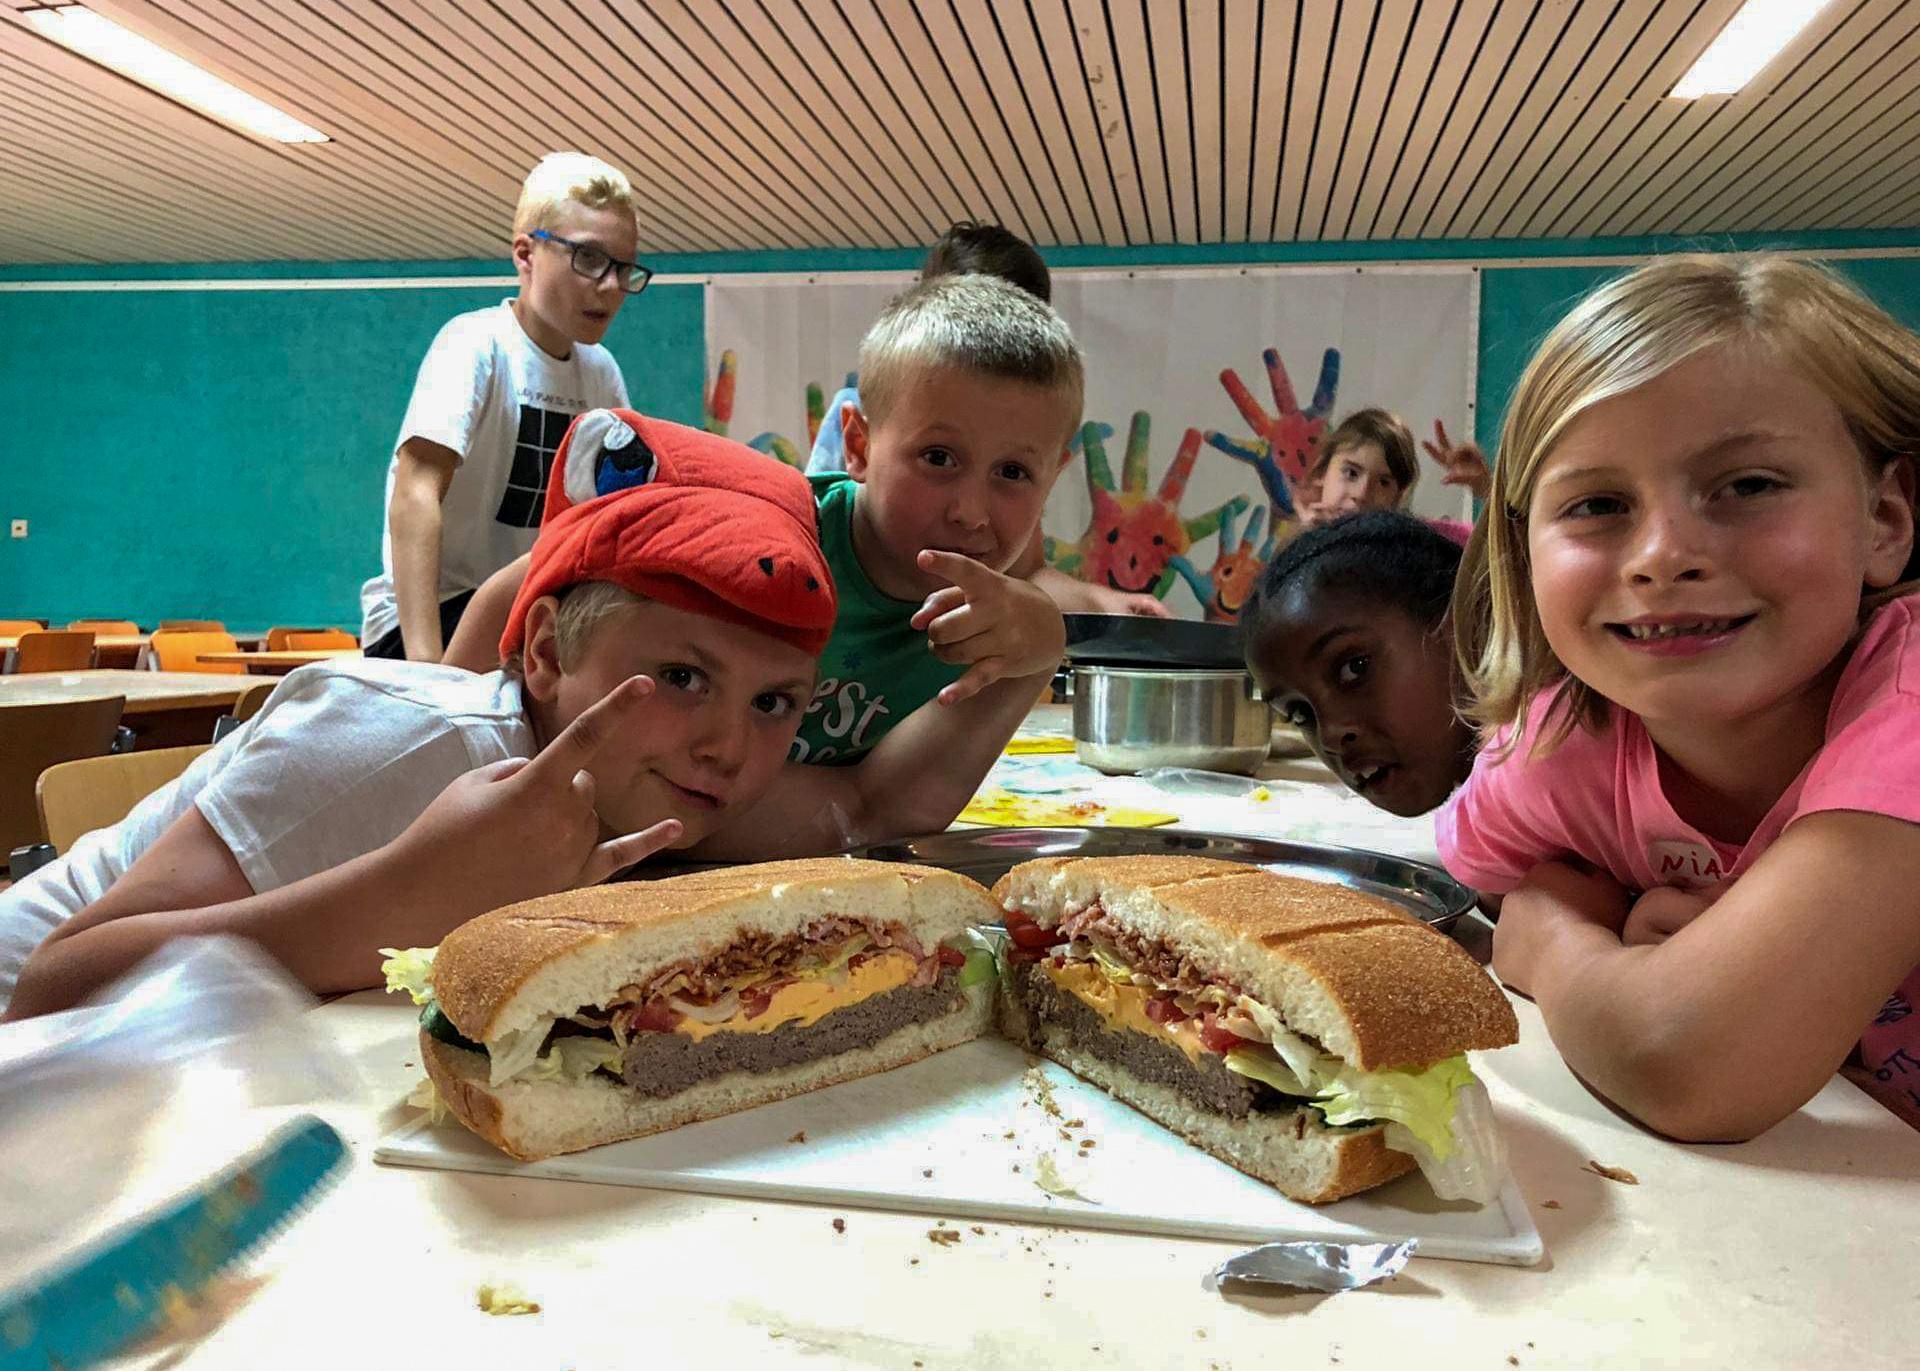 speelplein_KwikKwak_grote hamburger_reuzachtig_hamburger_kinderen_koke_kampen_zomerkamp_paaskamp_brasschaat